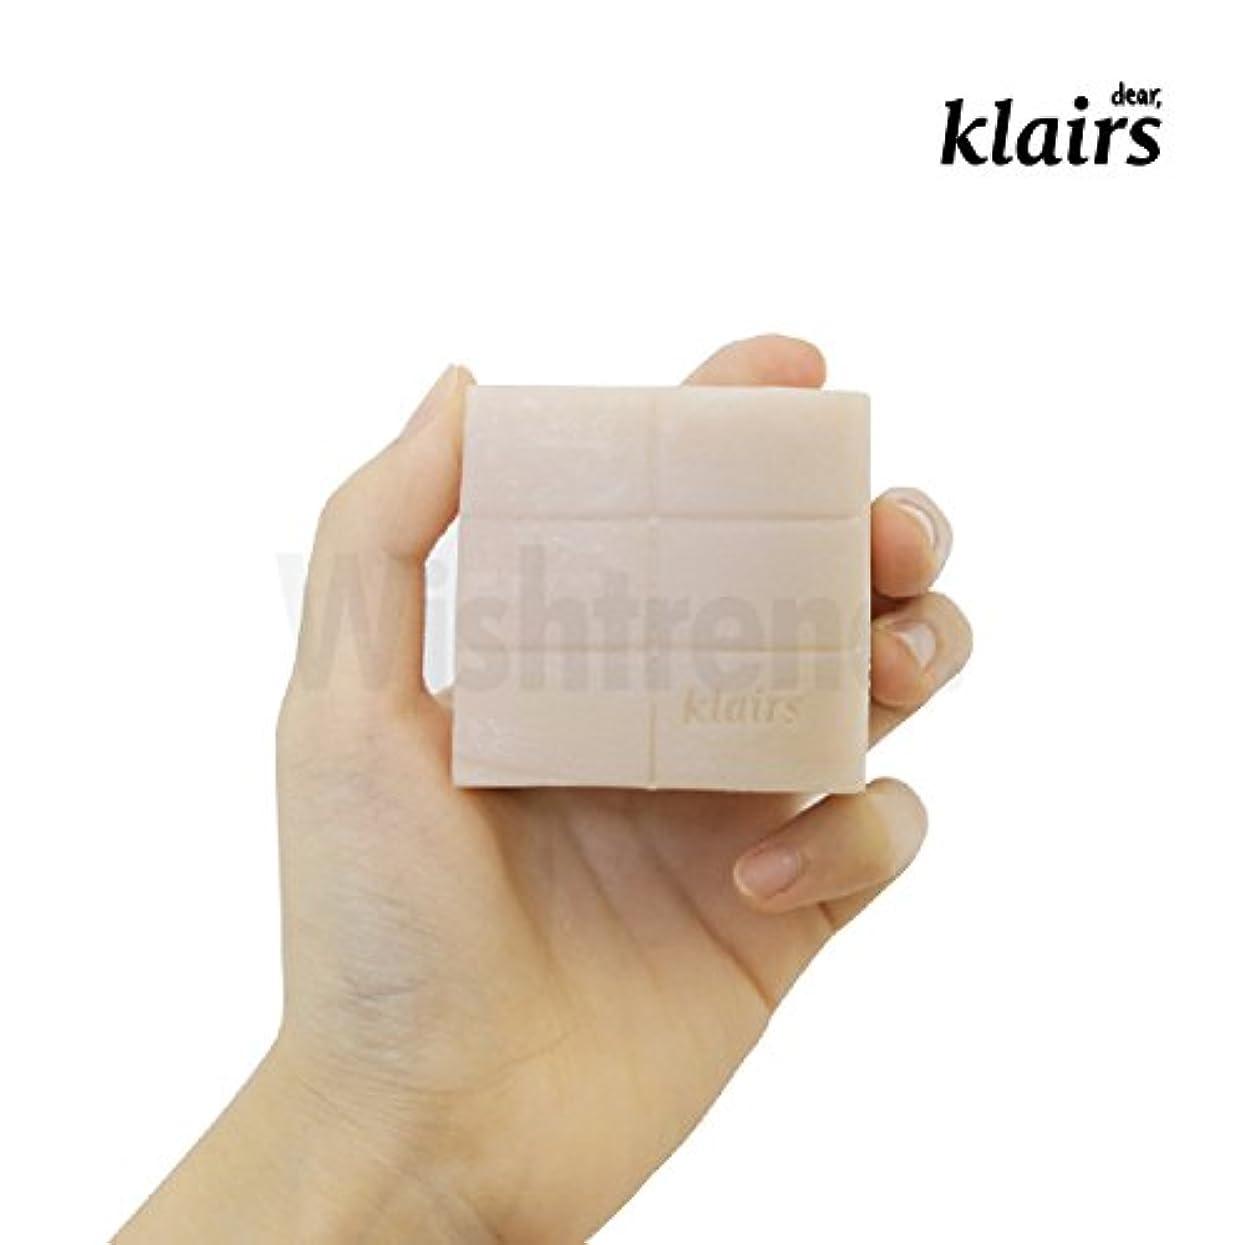 接ぎ木暫定の取り壊す【クレアス】リッチモイストフェイシャルソープ120g|石けん・石鹸・フェイシャルソープ・ソープ・敏感肌|[dear,klairs] Be Clean Natural Soap 120g